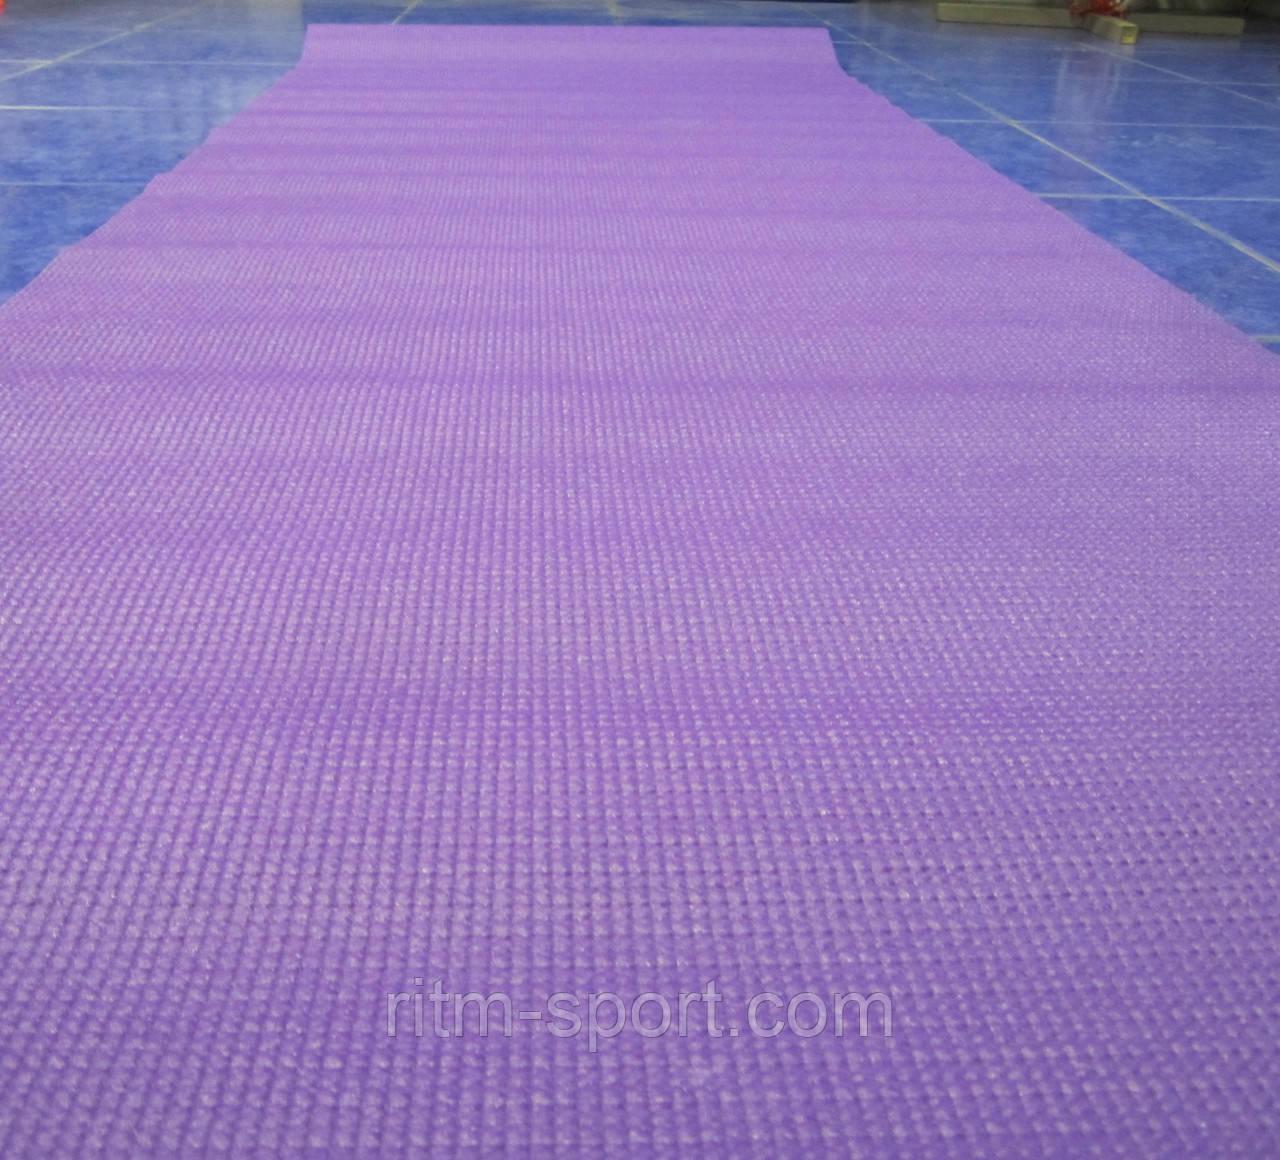 Килимок для йоги та фітнесу Yoga mat 3 мм